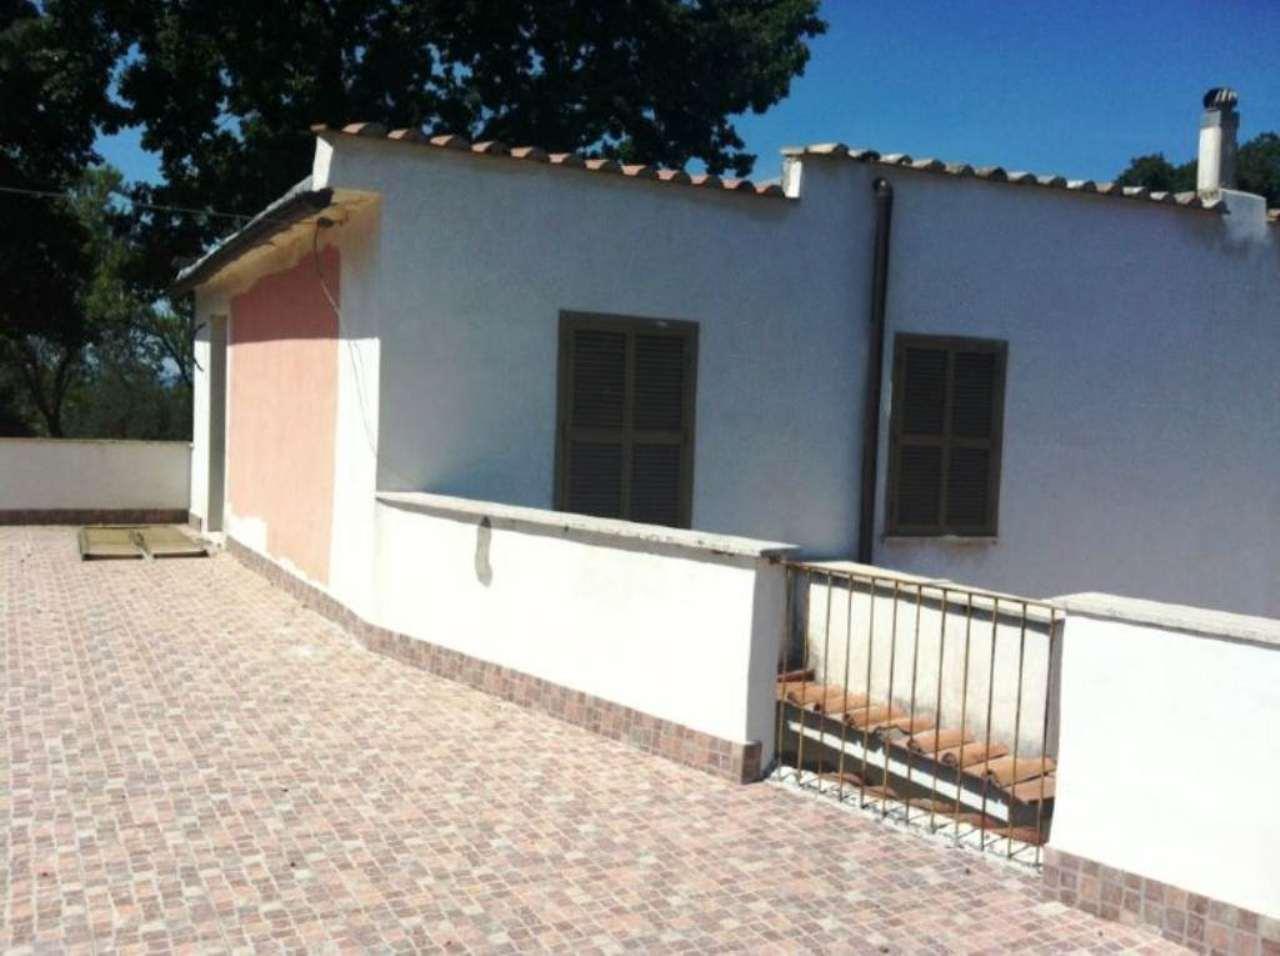 Villa in vendita a Tivoli, 6 locali, prezzo € 340.000 | Cambio Casa.it